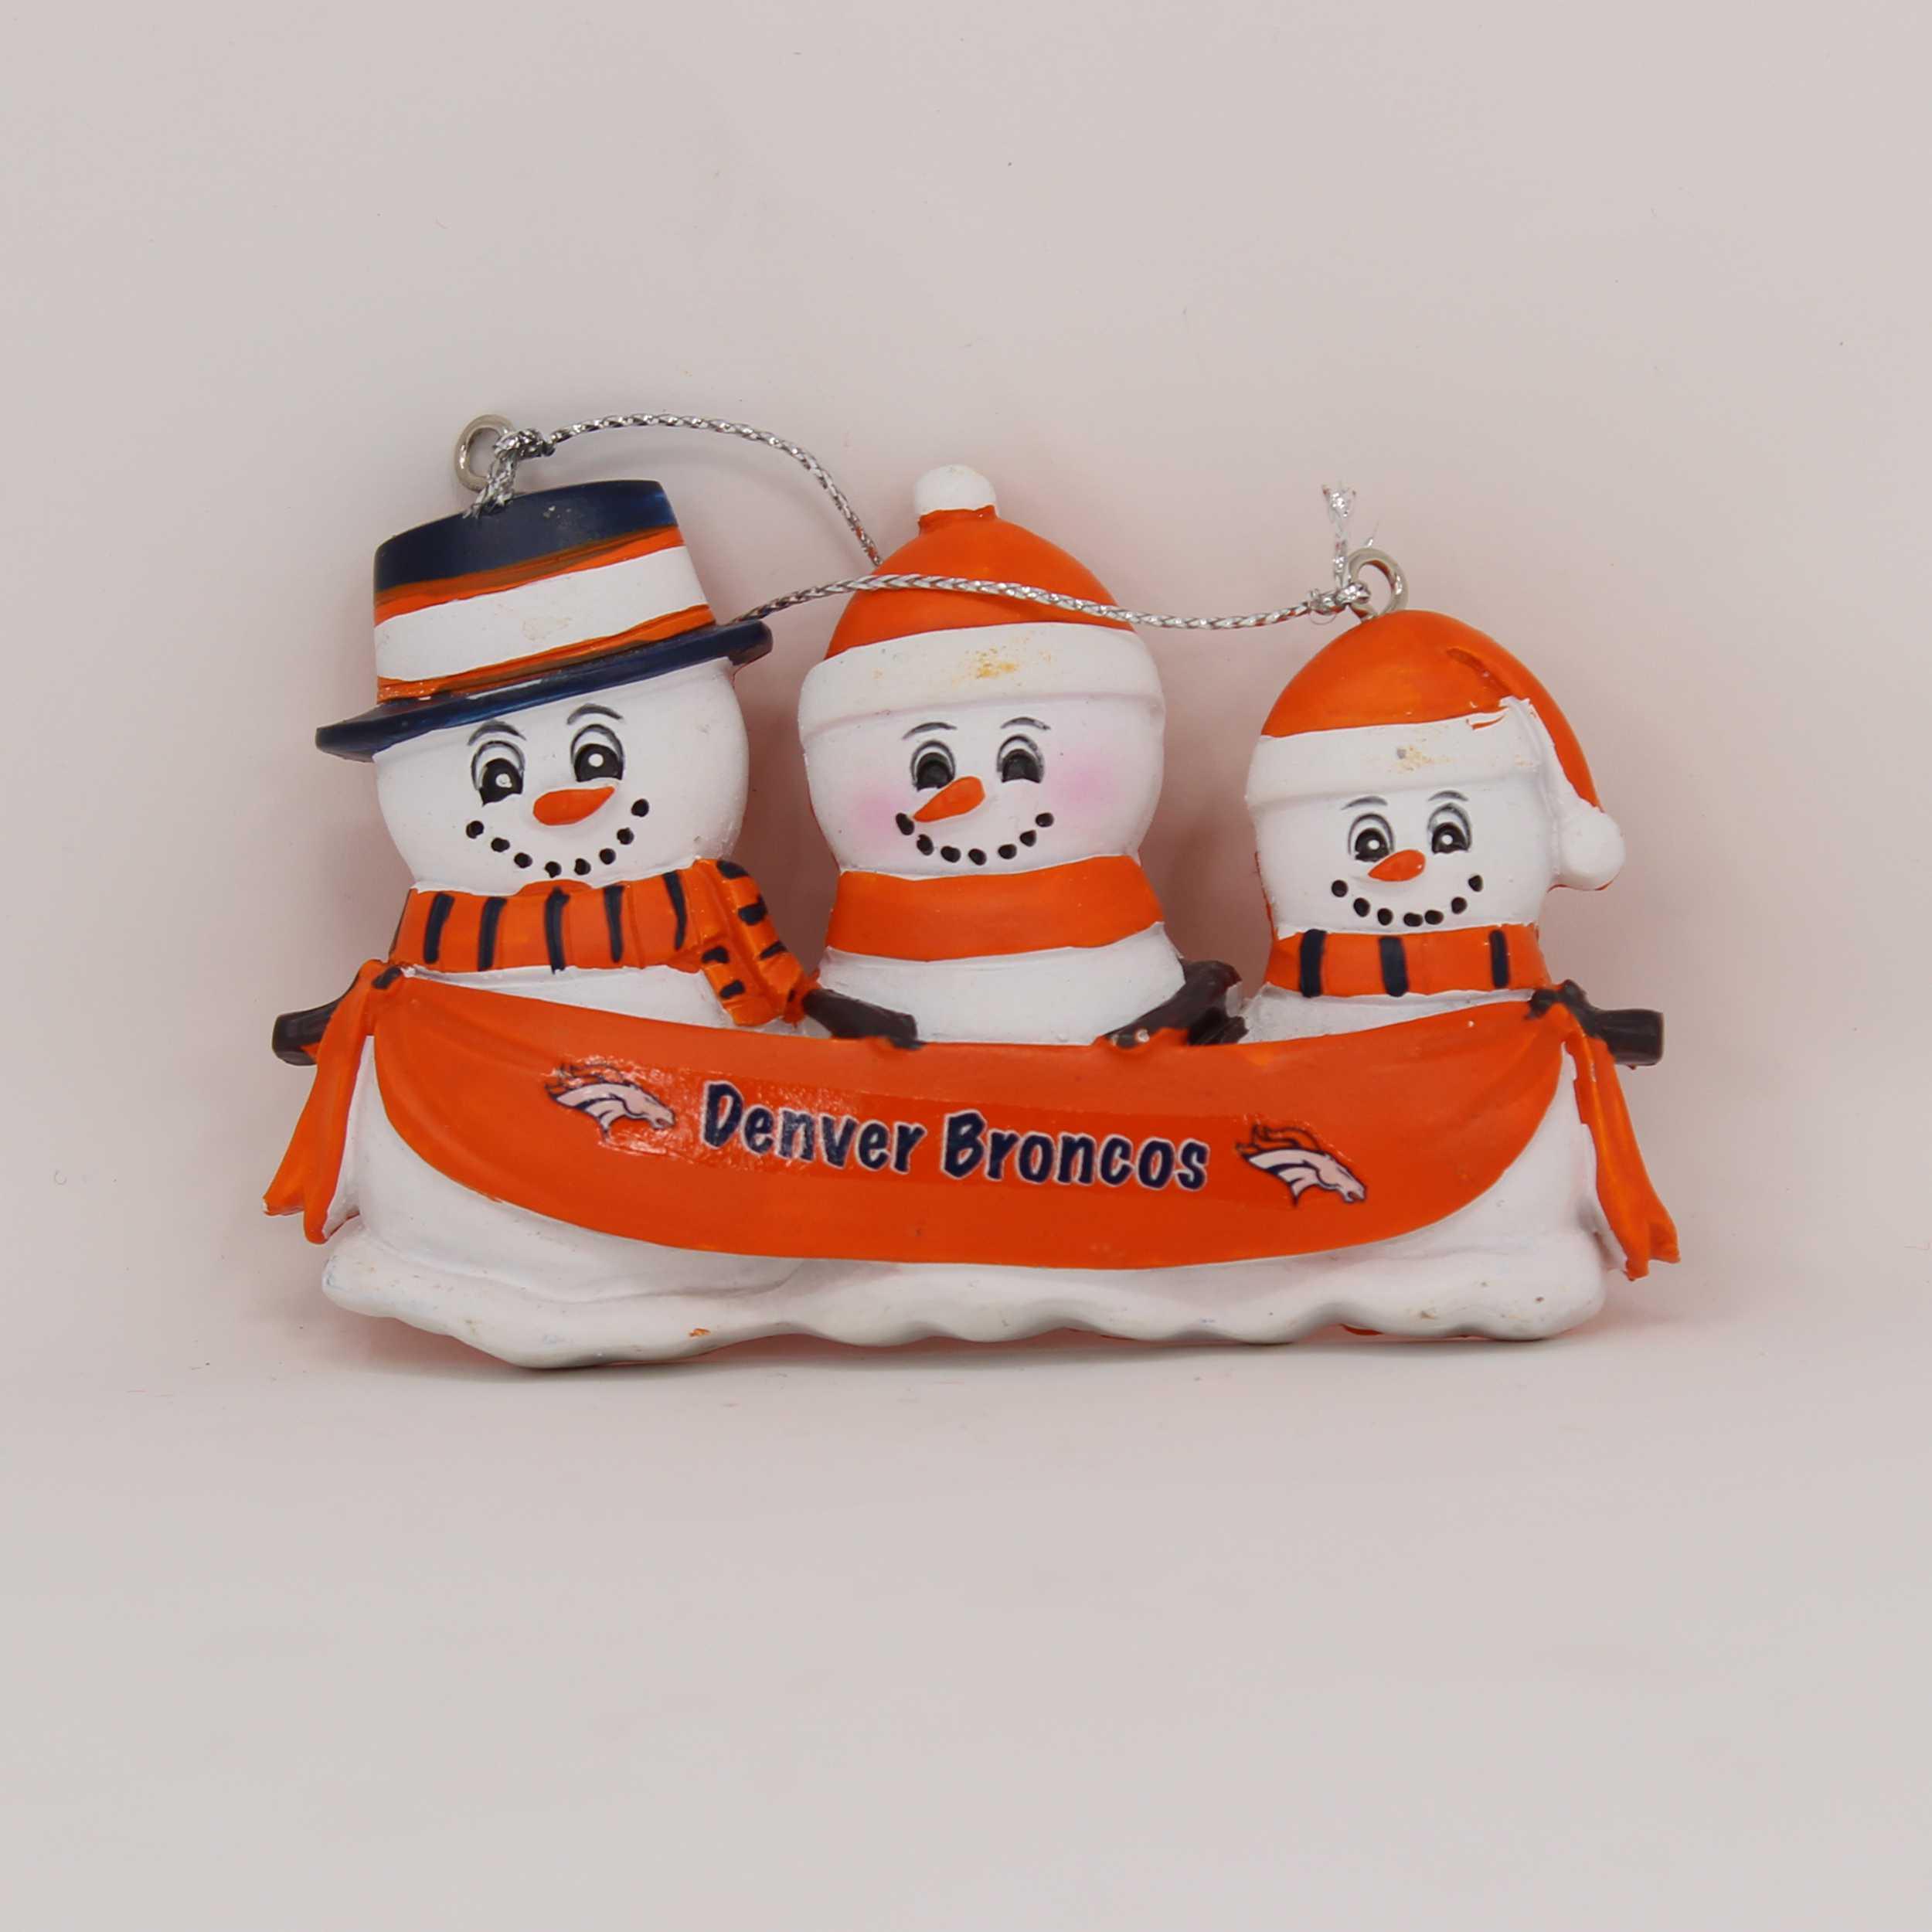 Personalized Family Ornament Denver Broncos